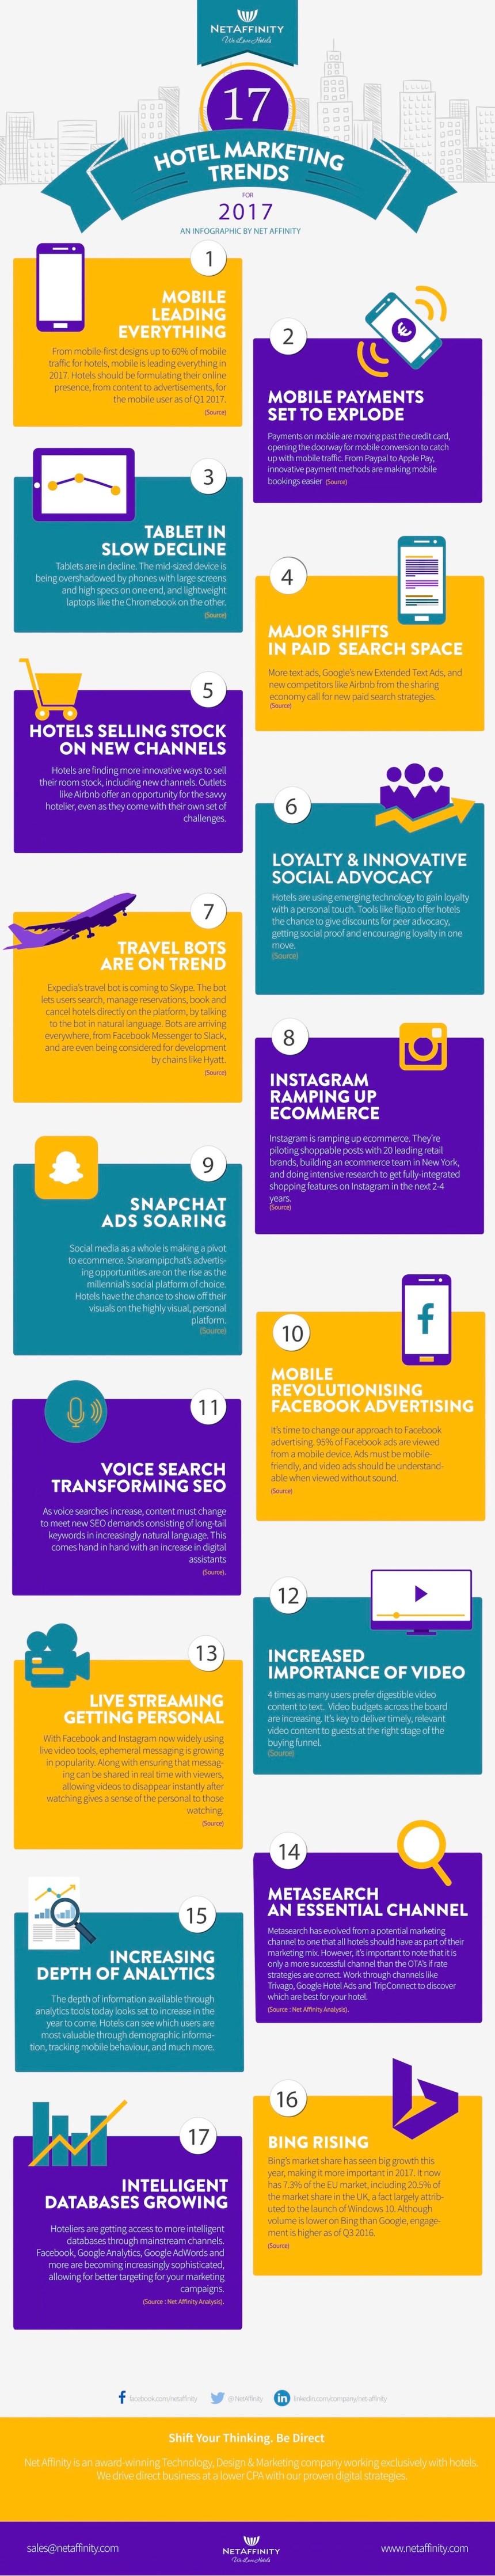 17 tendencias en Marketing Hotelero para 2017